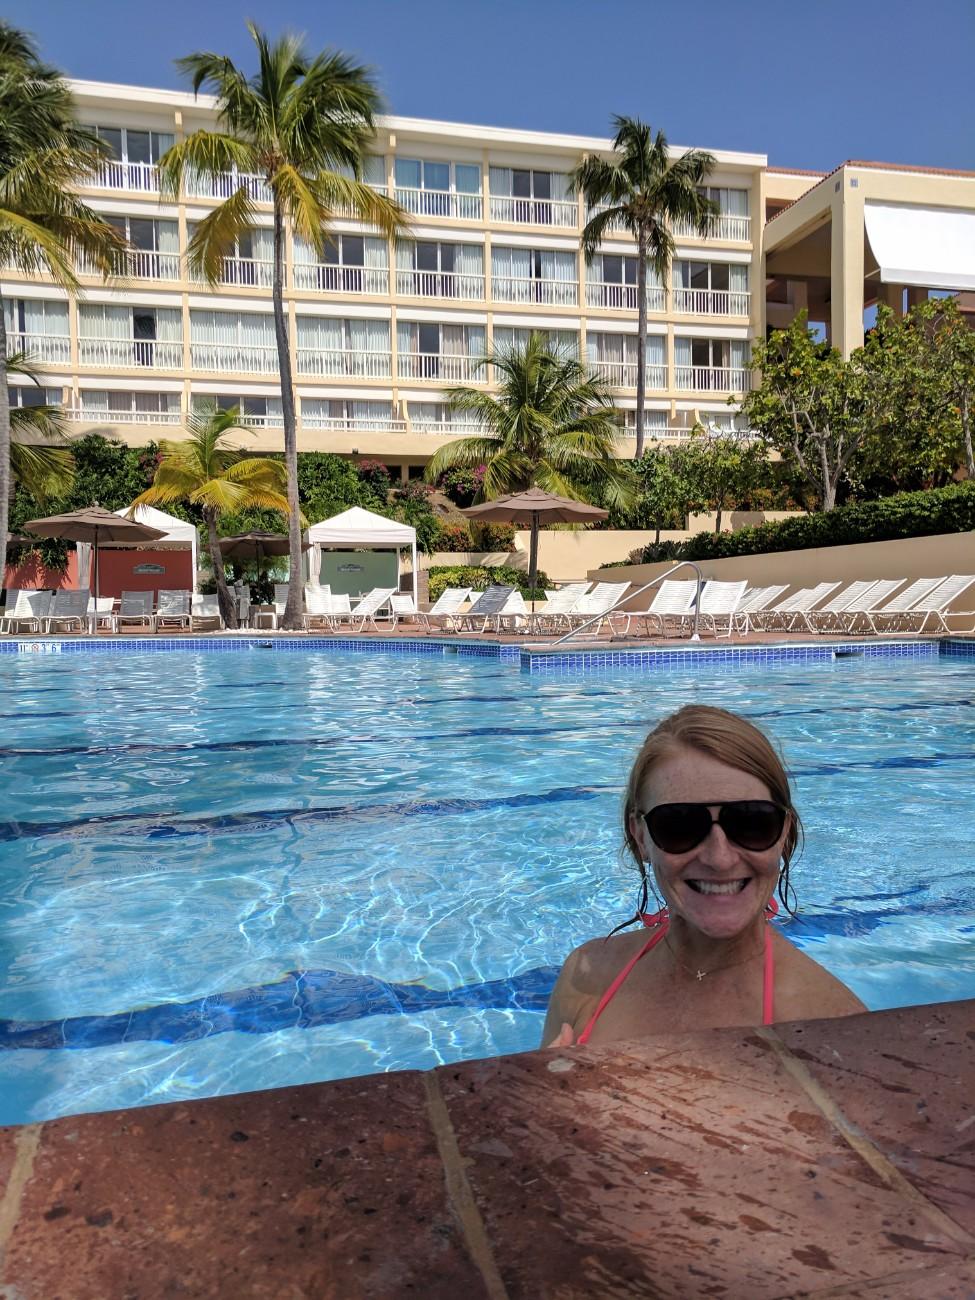 Swimming at El Conquistador Waldorf Astoria Puerto Rico